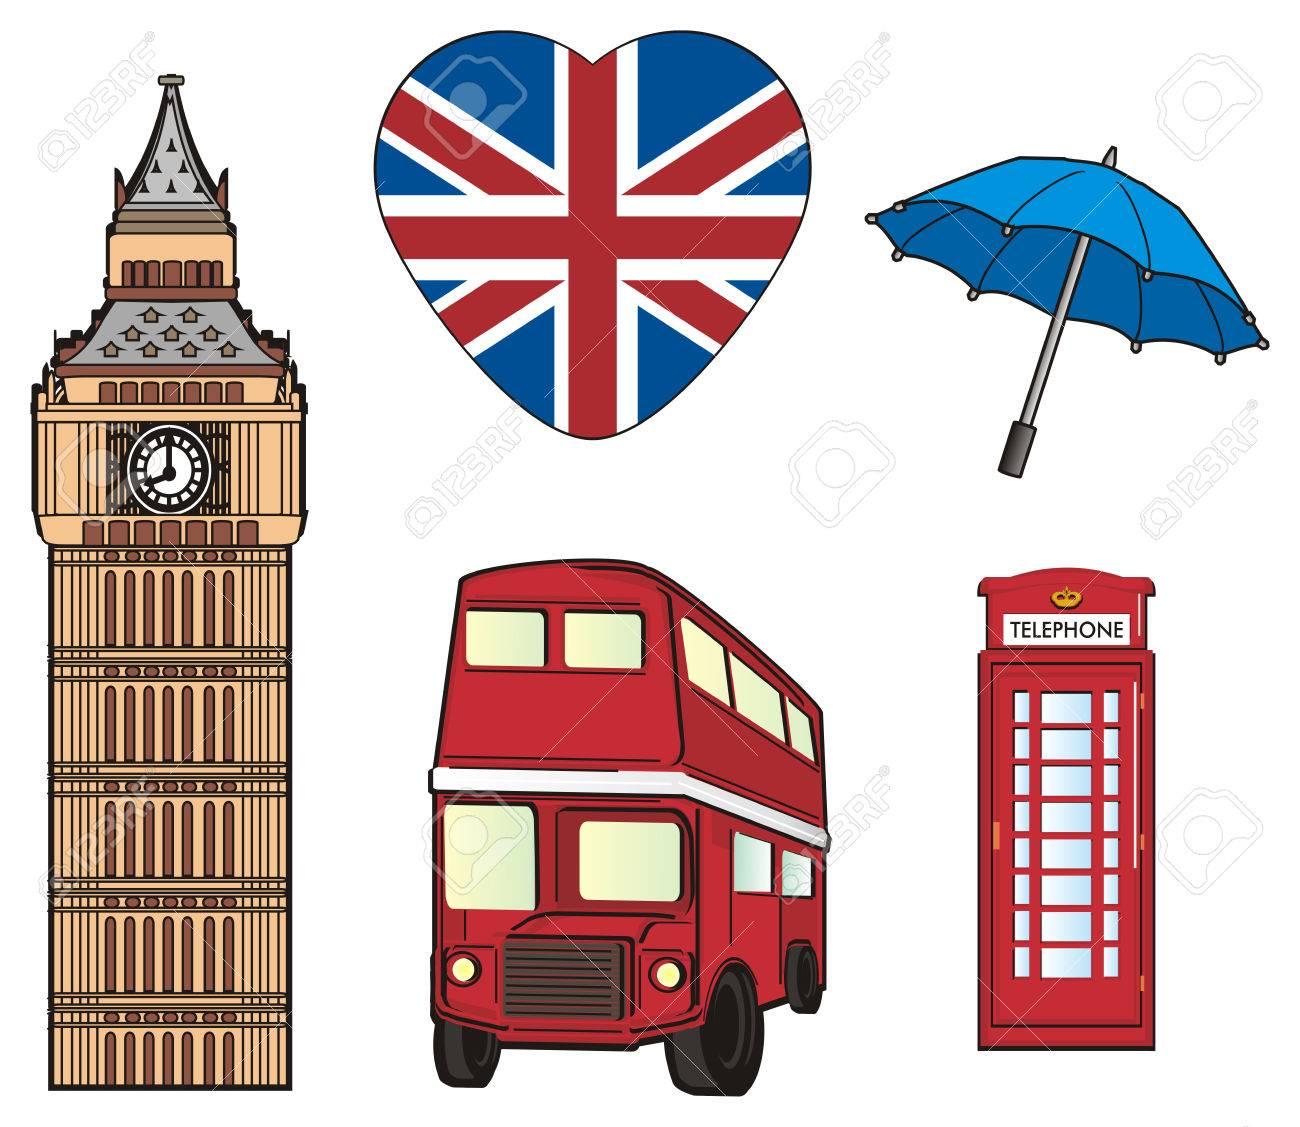 Five symbols of london city stock photo picture and royalty free five symbols of london city stock photo 78667360 buycottarizona Images